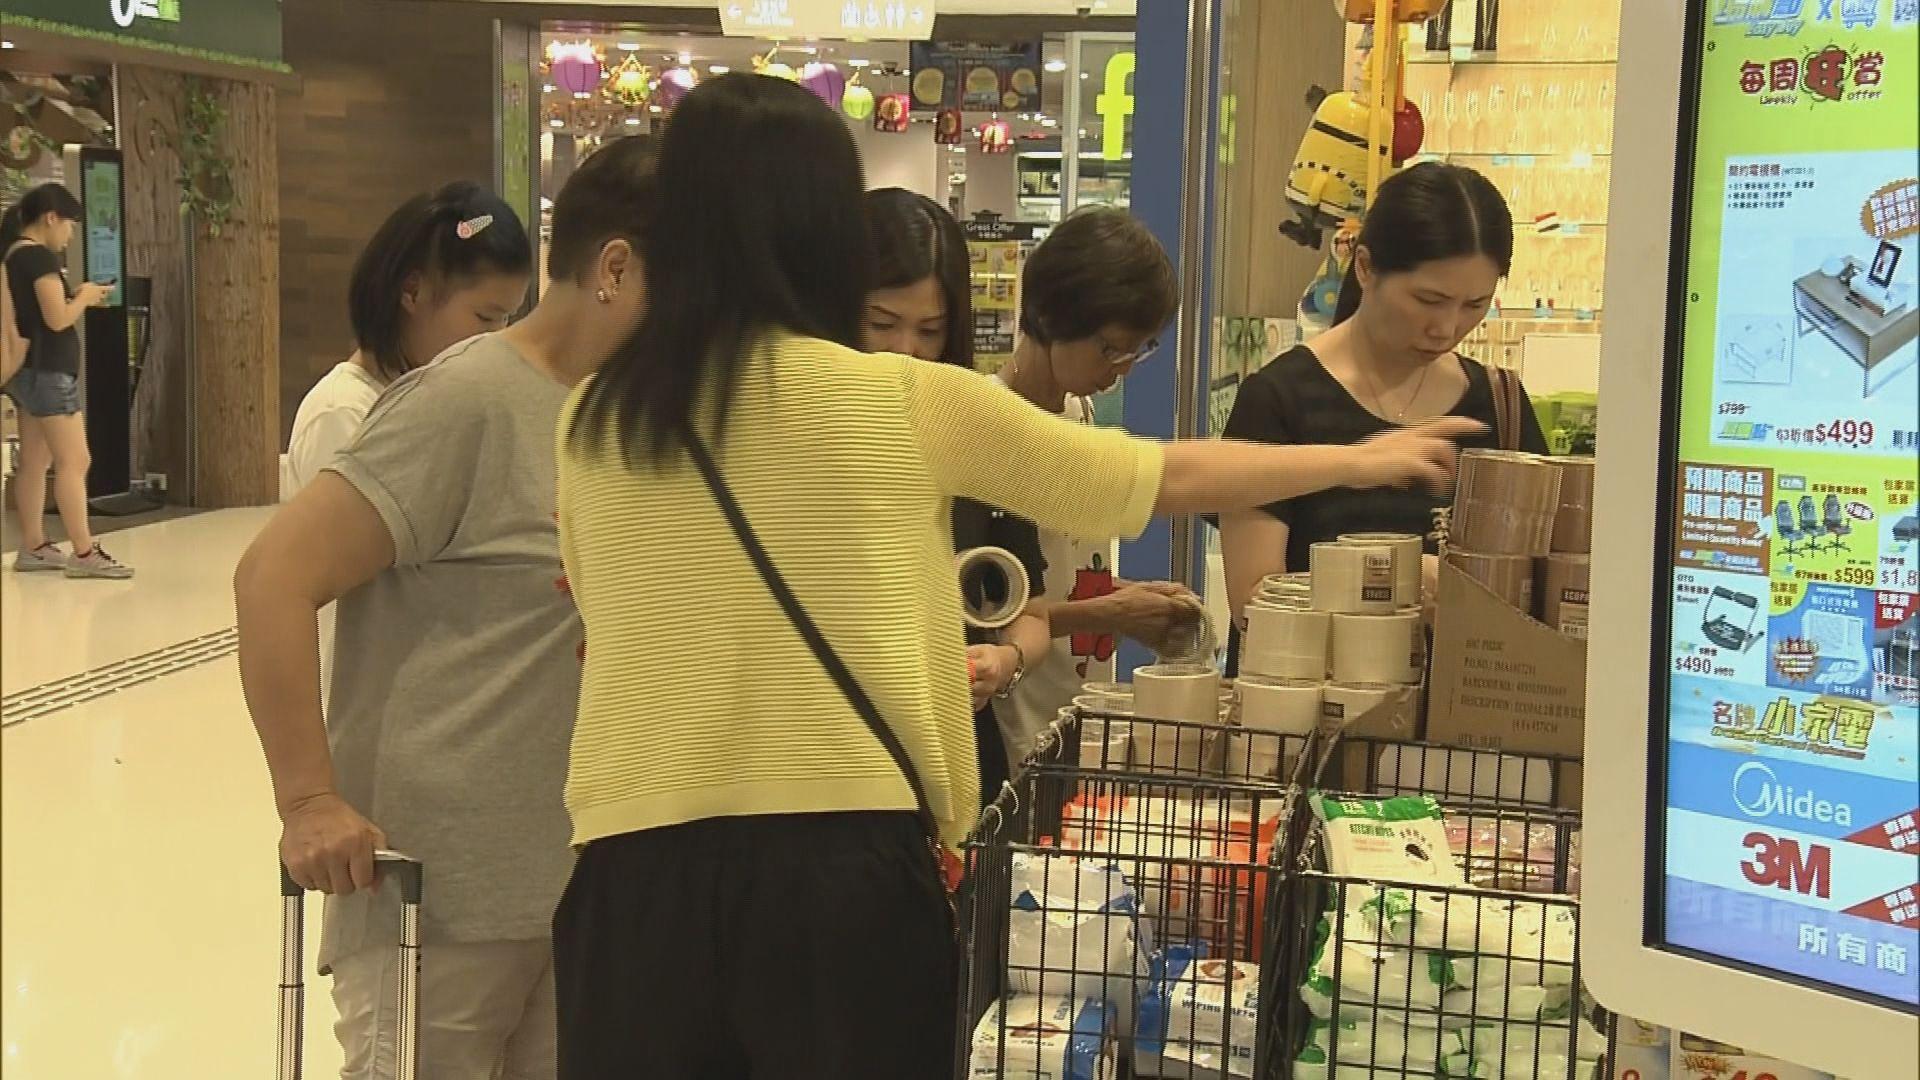 不少市民買膠紙貼玻璃 但市面沒加價或斷貨